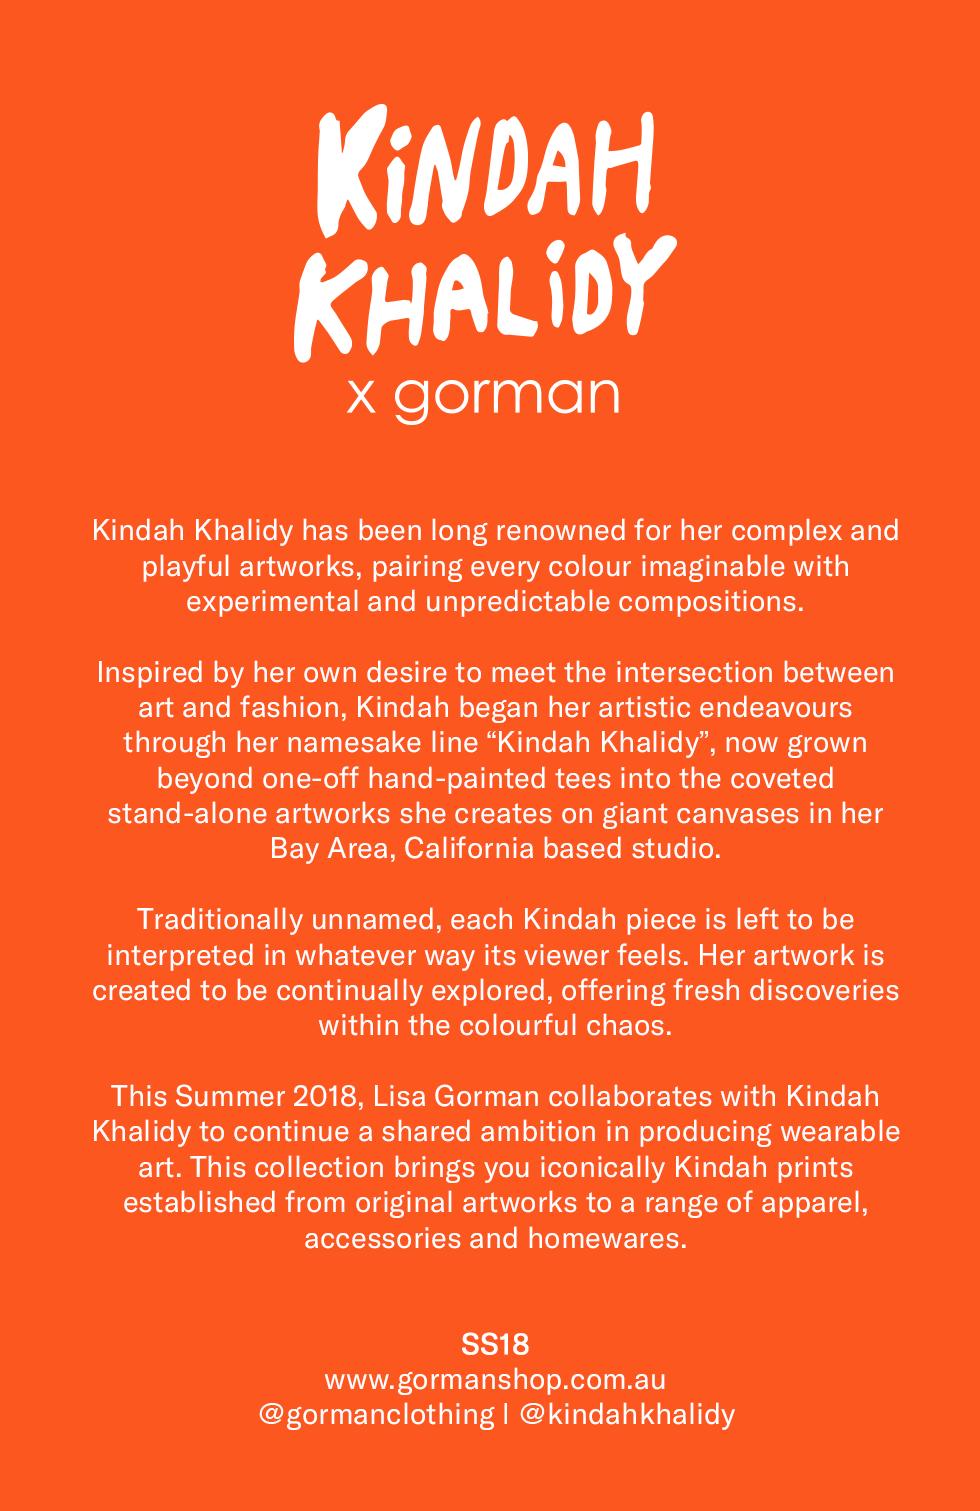 Kindah Khalidy + Gorman